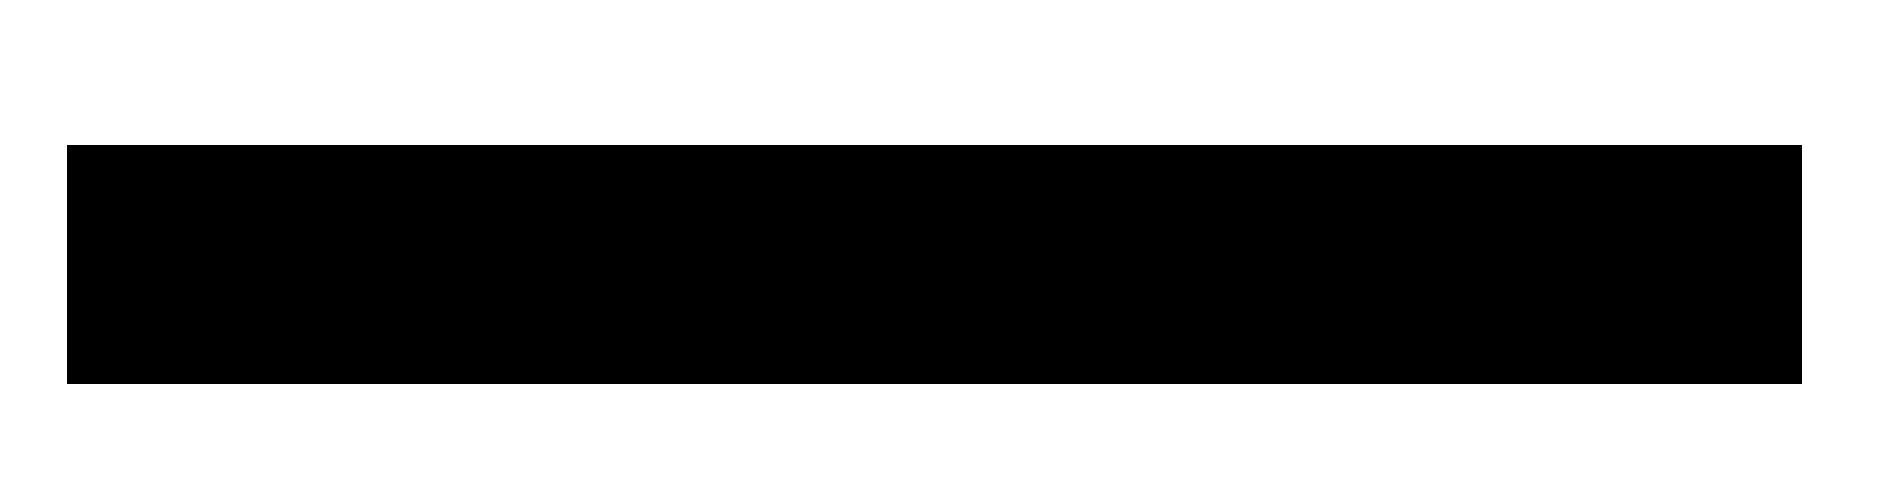 Glimpse_Logo.png